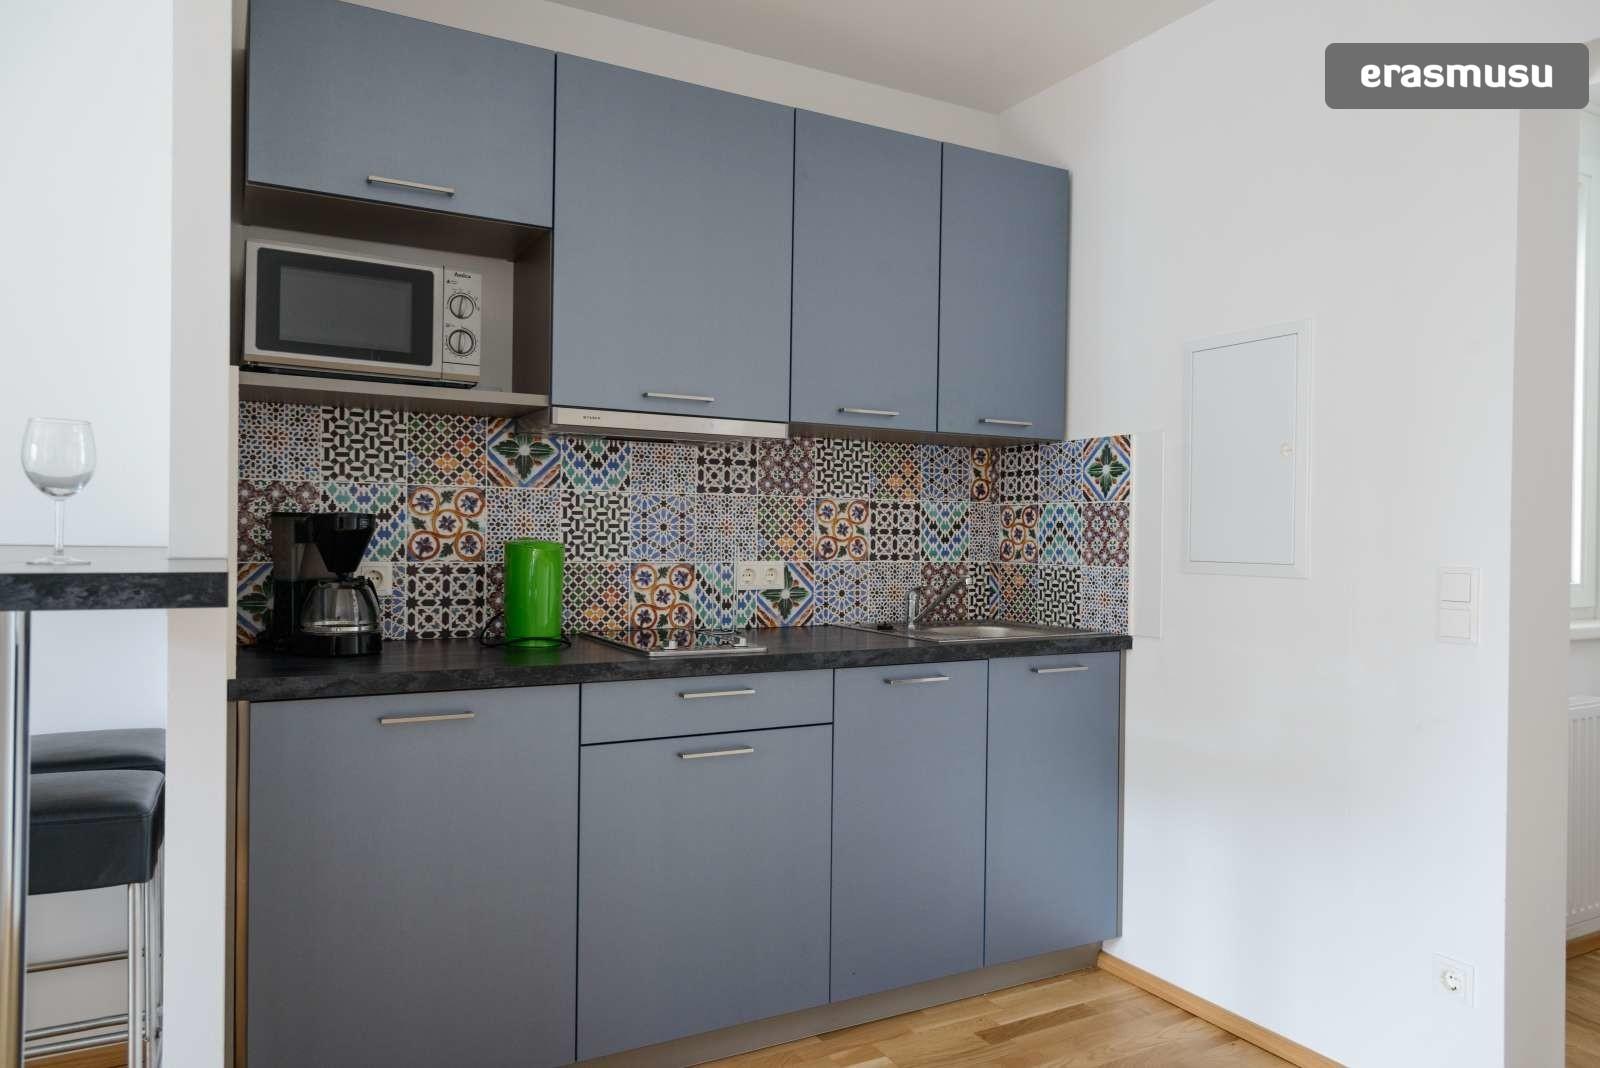 spacious-studio-apartment-rent-aspern-area-donaustadt-2790fda0d8